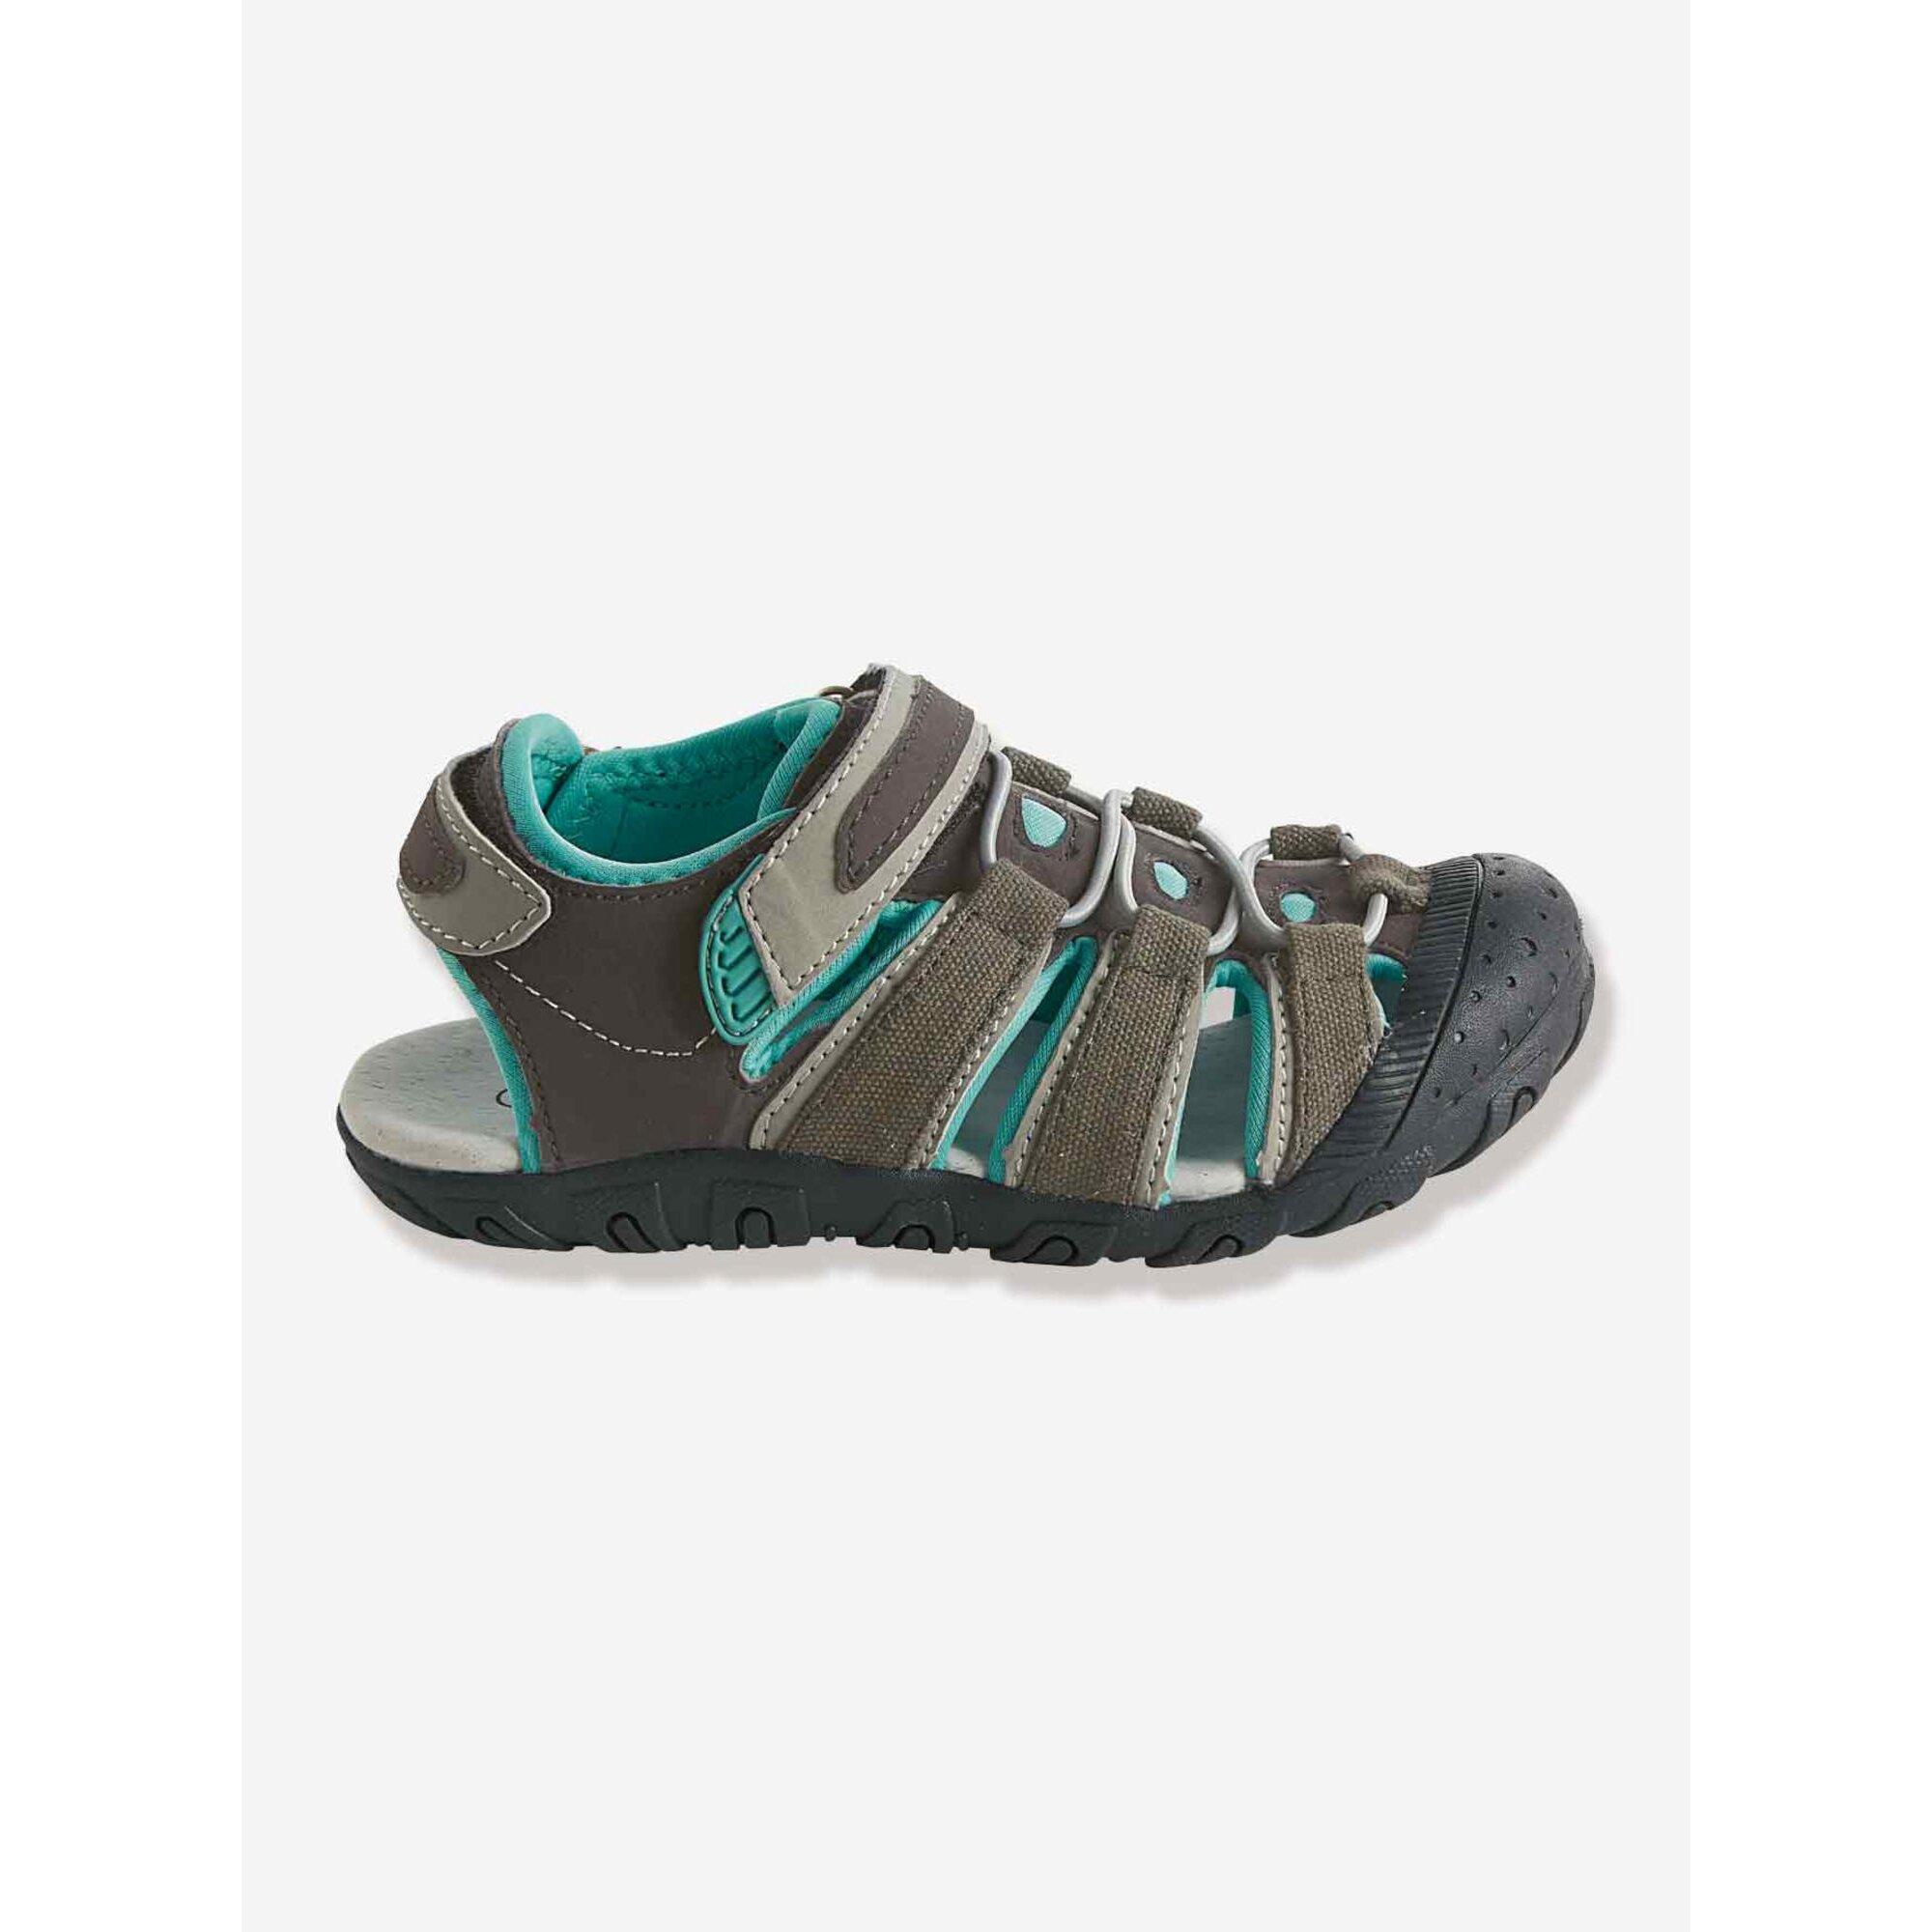 vertbaudet-sandalen-fur-jungen-klettverschluss, 30.99 EUR @ babywalz-de